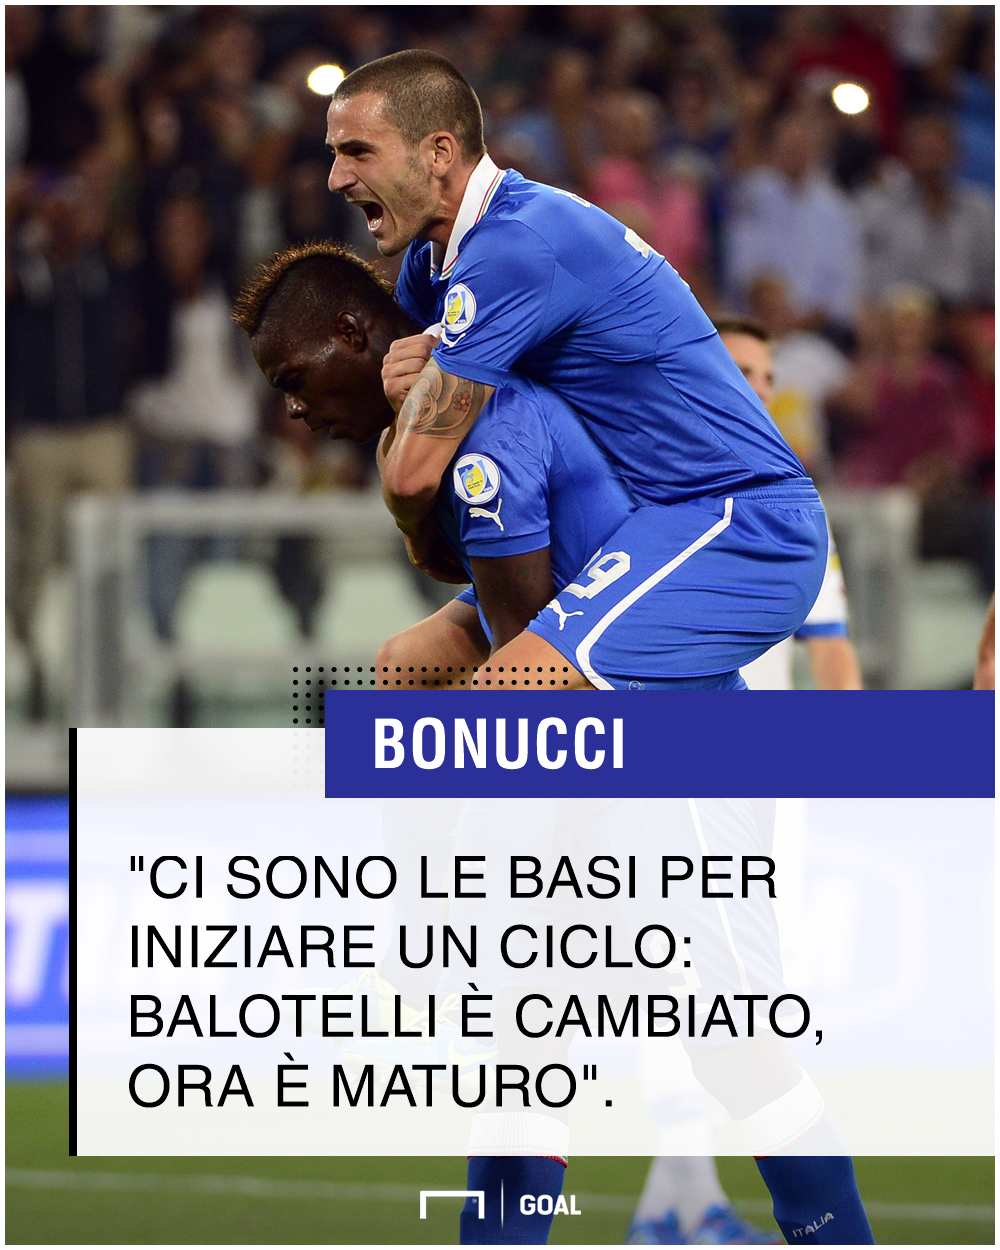 PS Bonucci